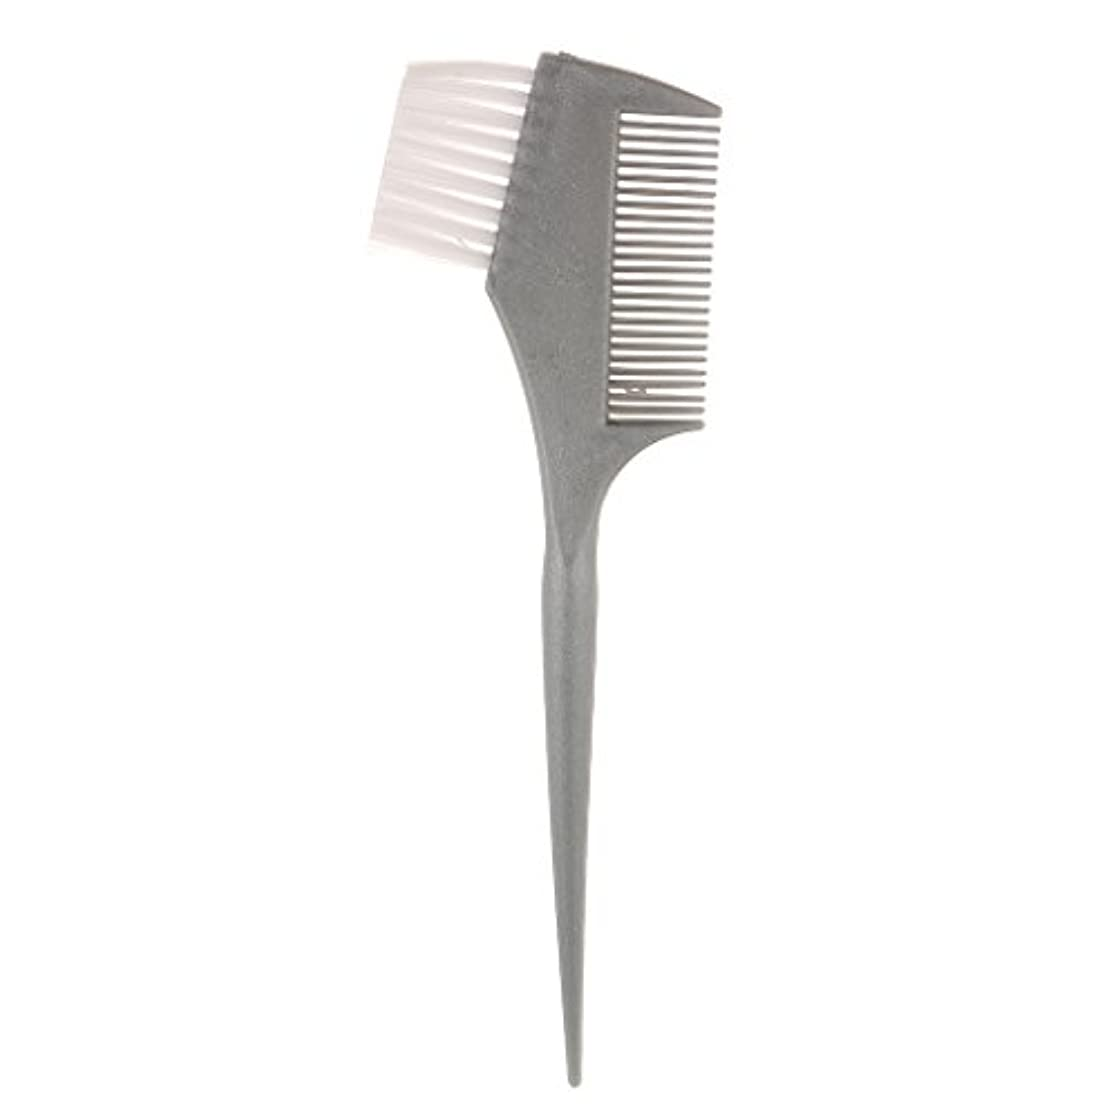 添加剤かかわらず取り付けToygogo プロフェッショナルヘアカラーリングコーム&ブラシサロンDIYヘアダイイングティンティングヘアスタイリングツール